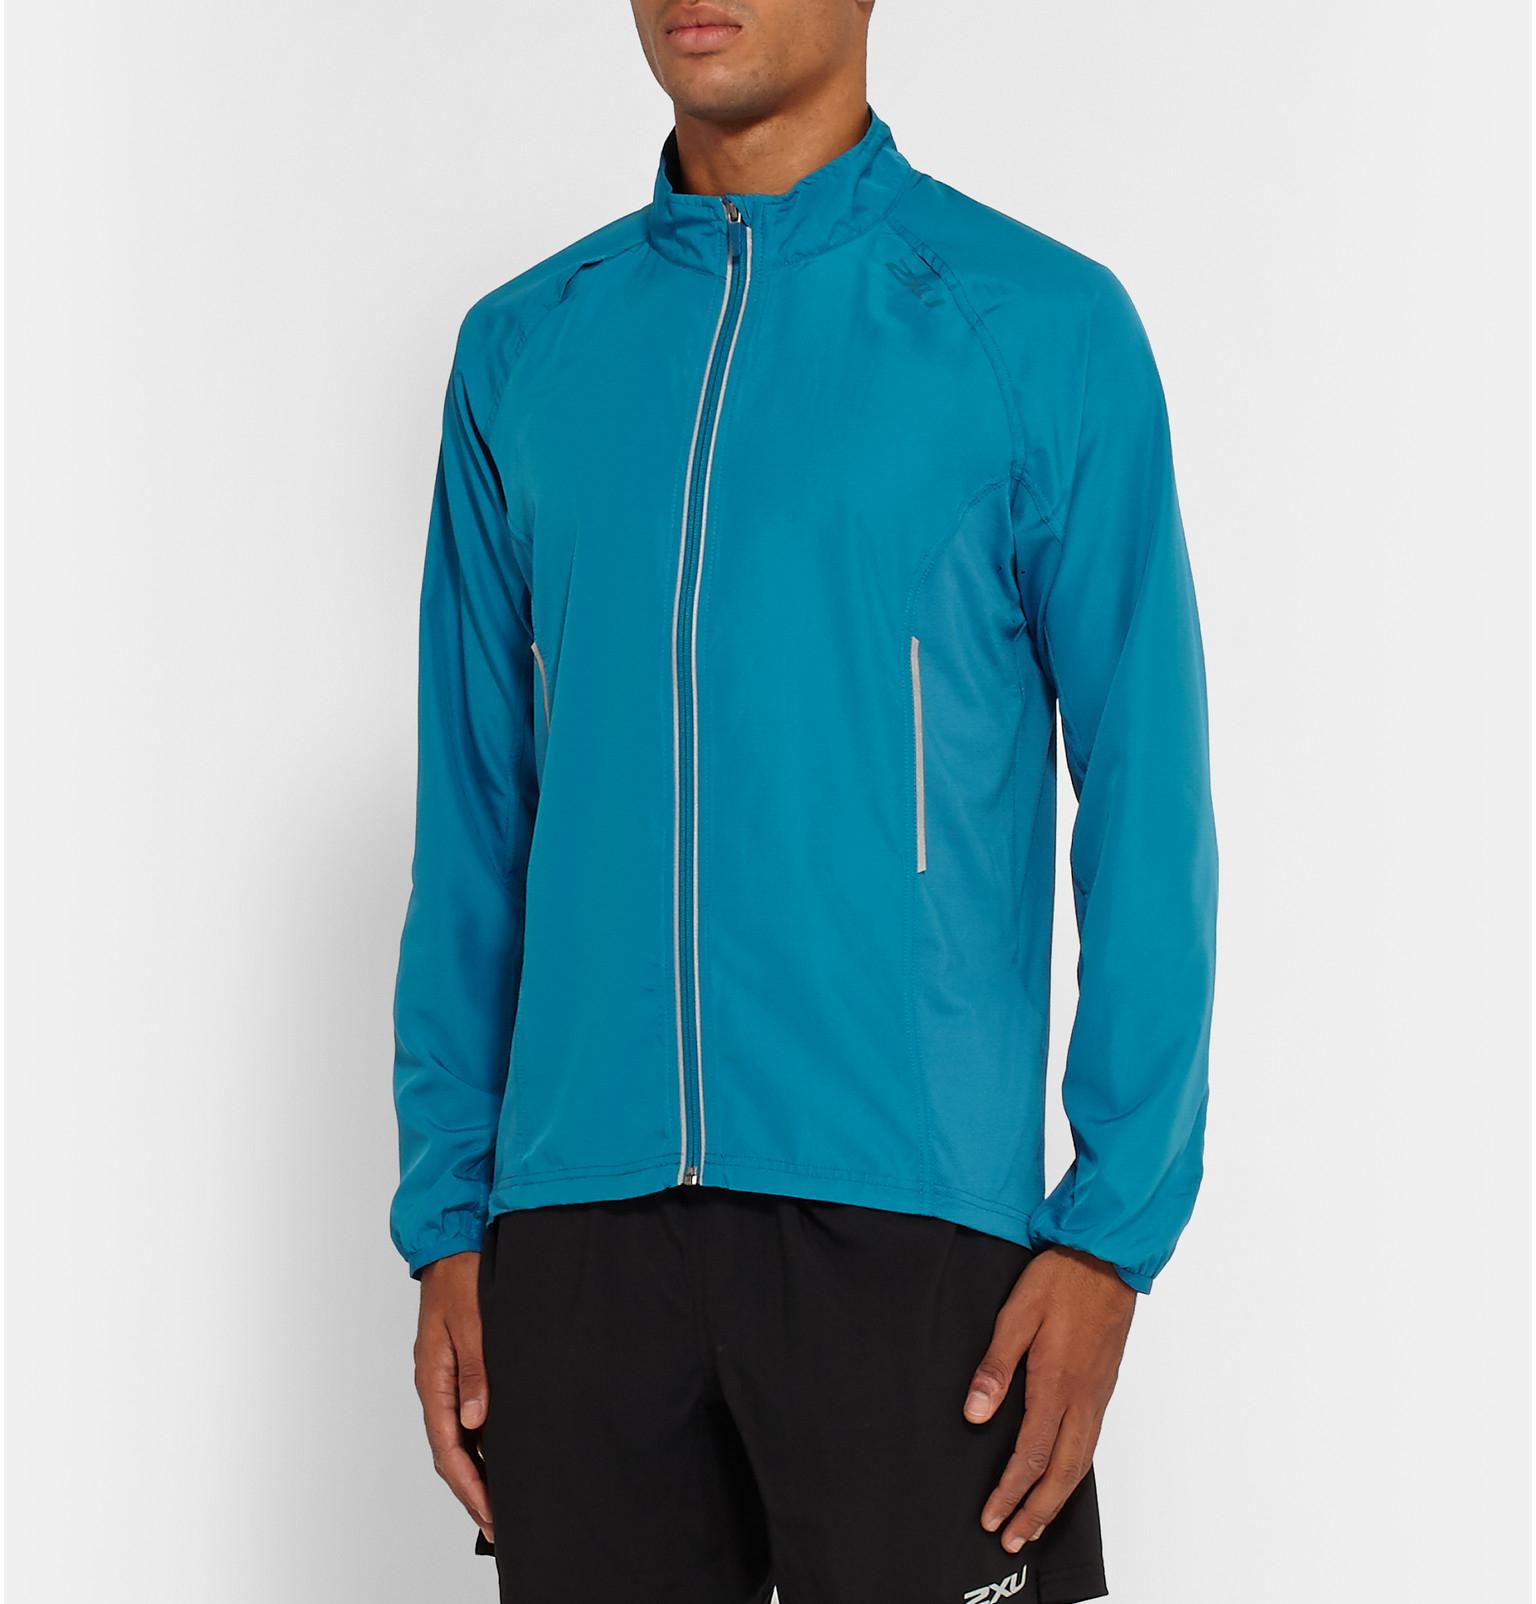 4fb5e458 2XU Hyoptik Vapor+ Shell Running Jacket in Blue for Men - Lyst